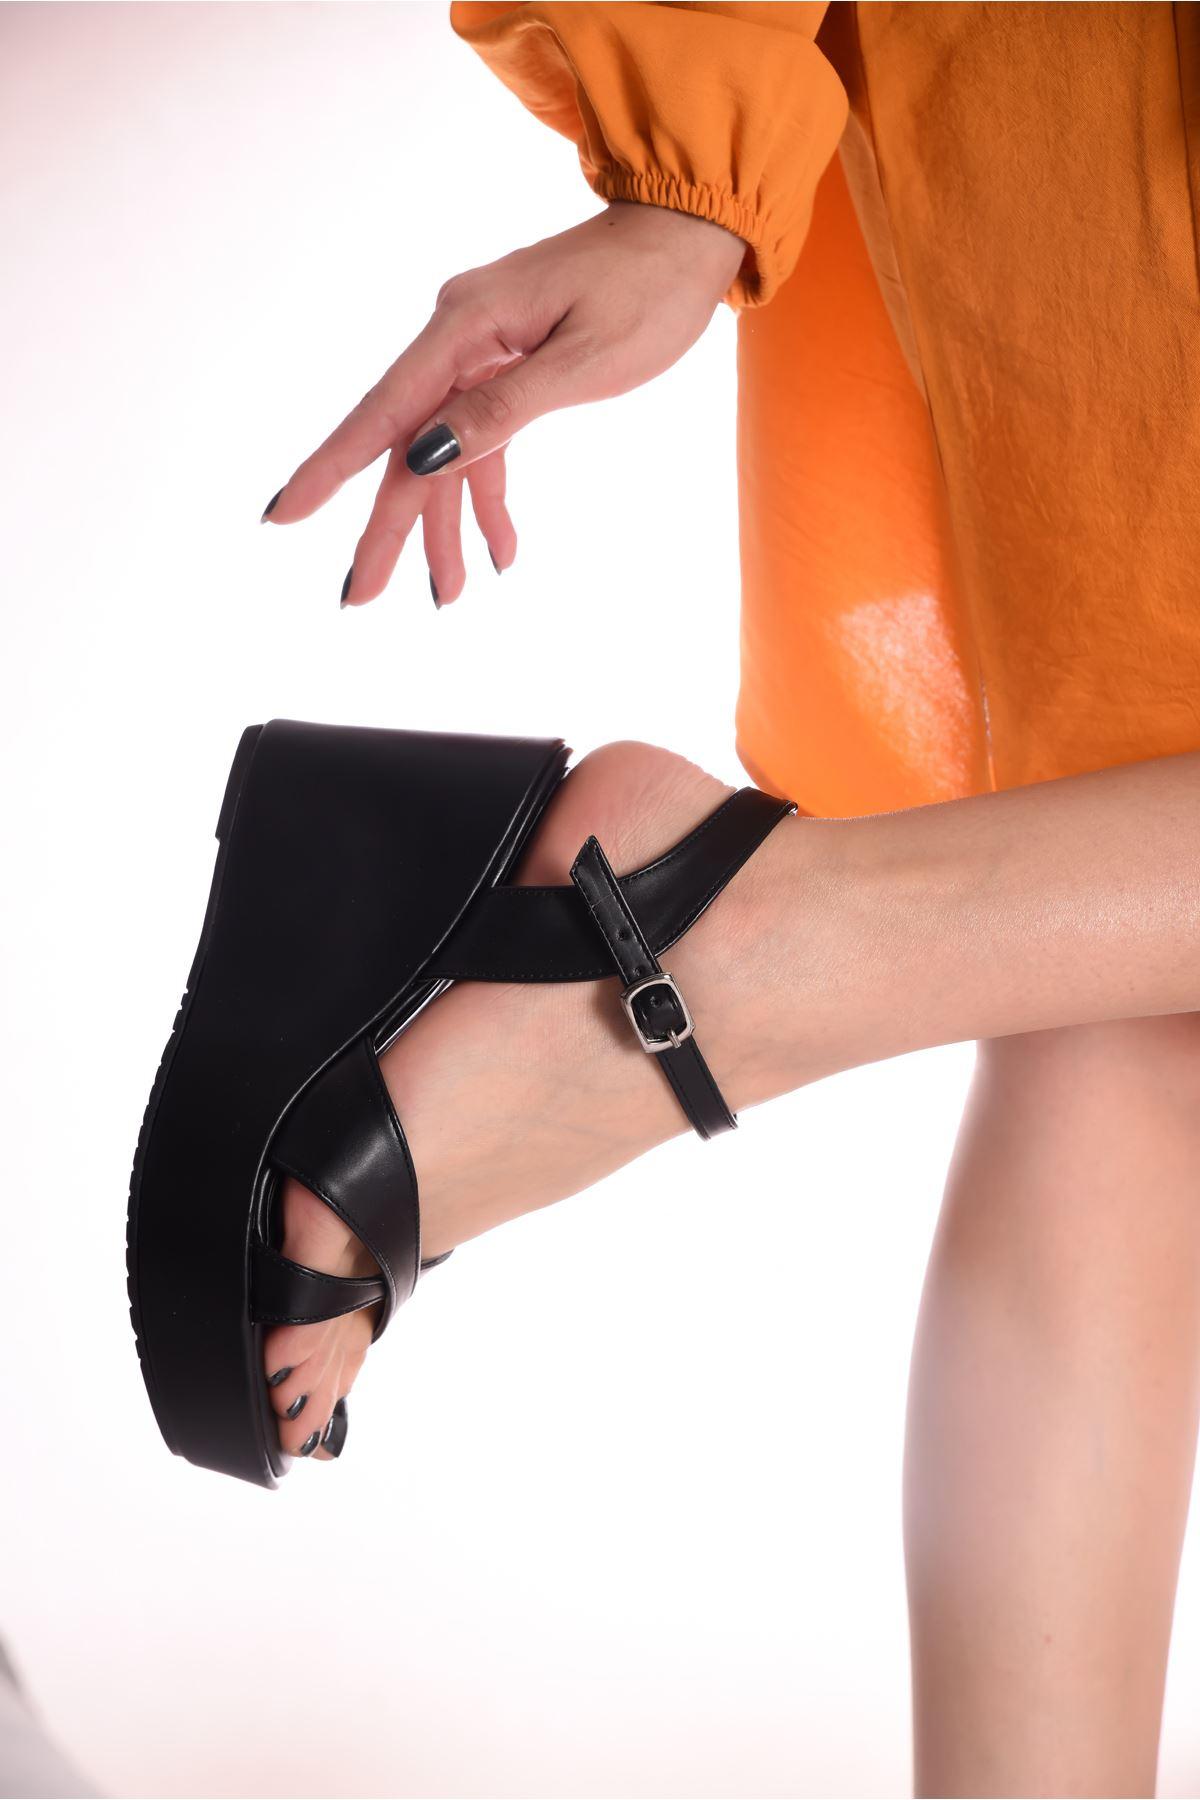 Kadın Dogis Çapraz Bantlı Siyah Dolgu Topuklu Ayakkabı